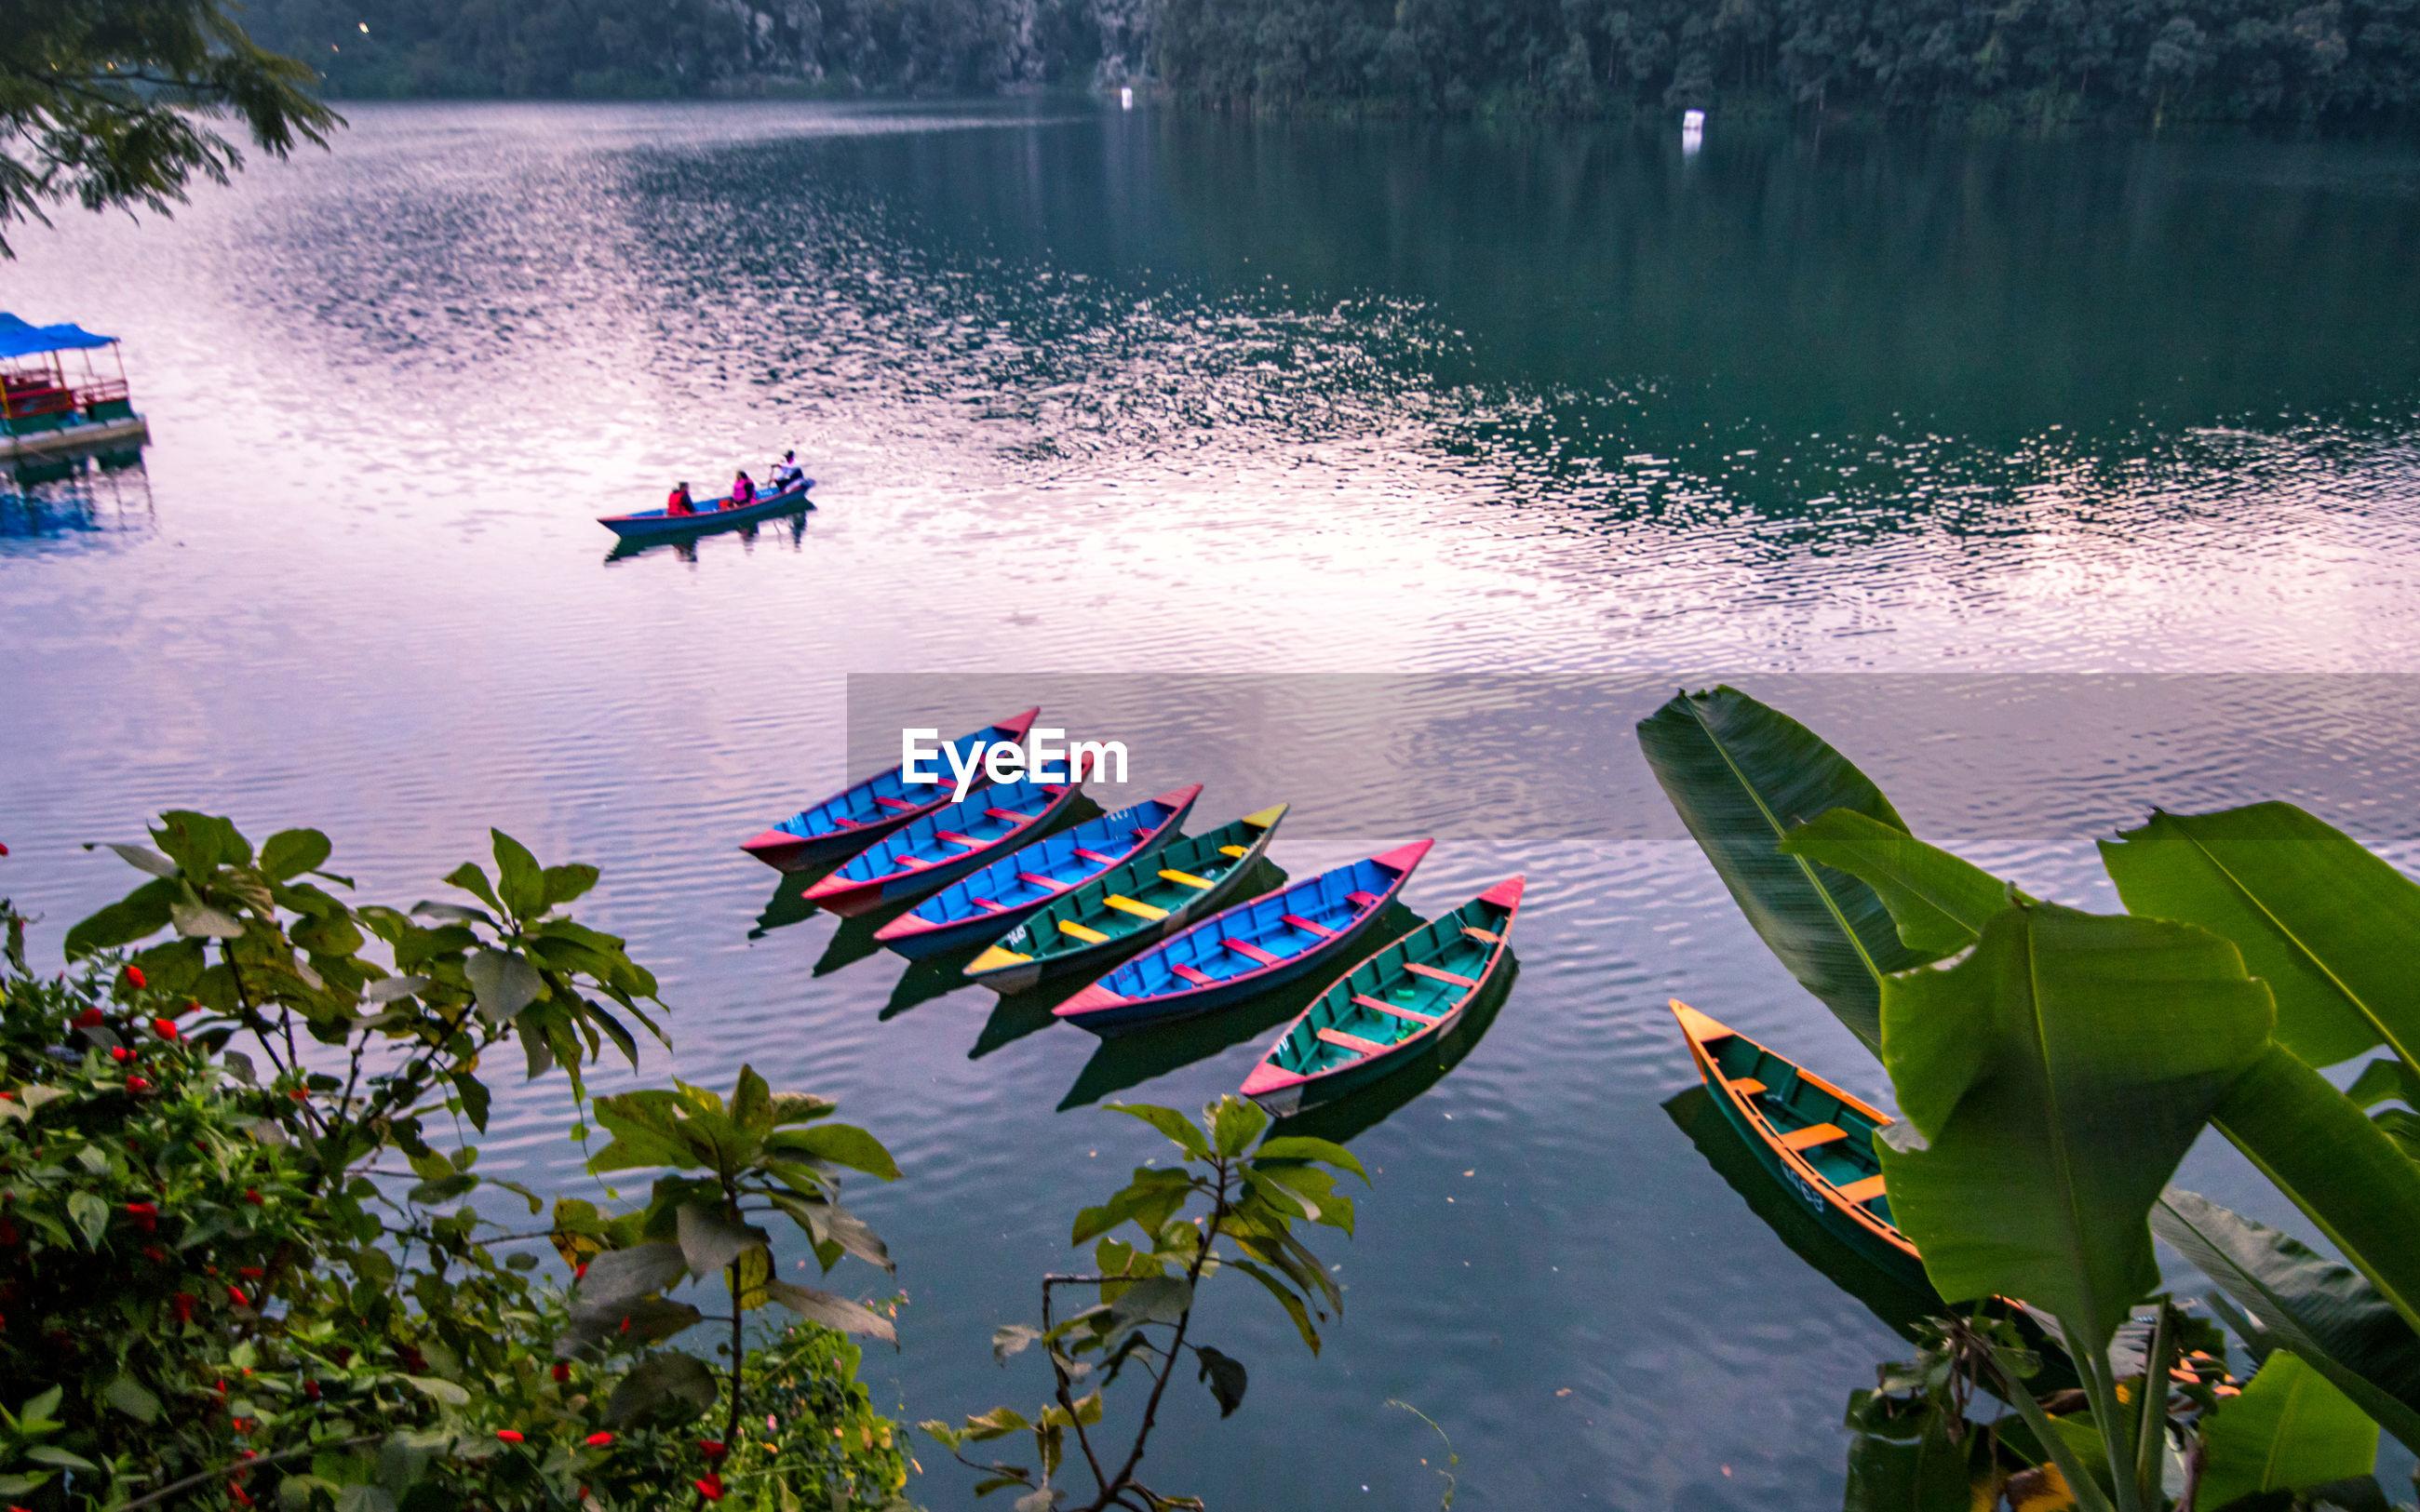 Evening view of fewa lake at pokhara, nepal